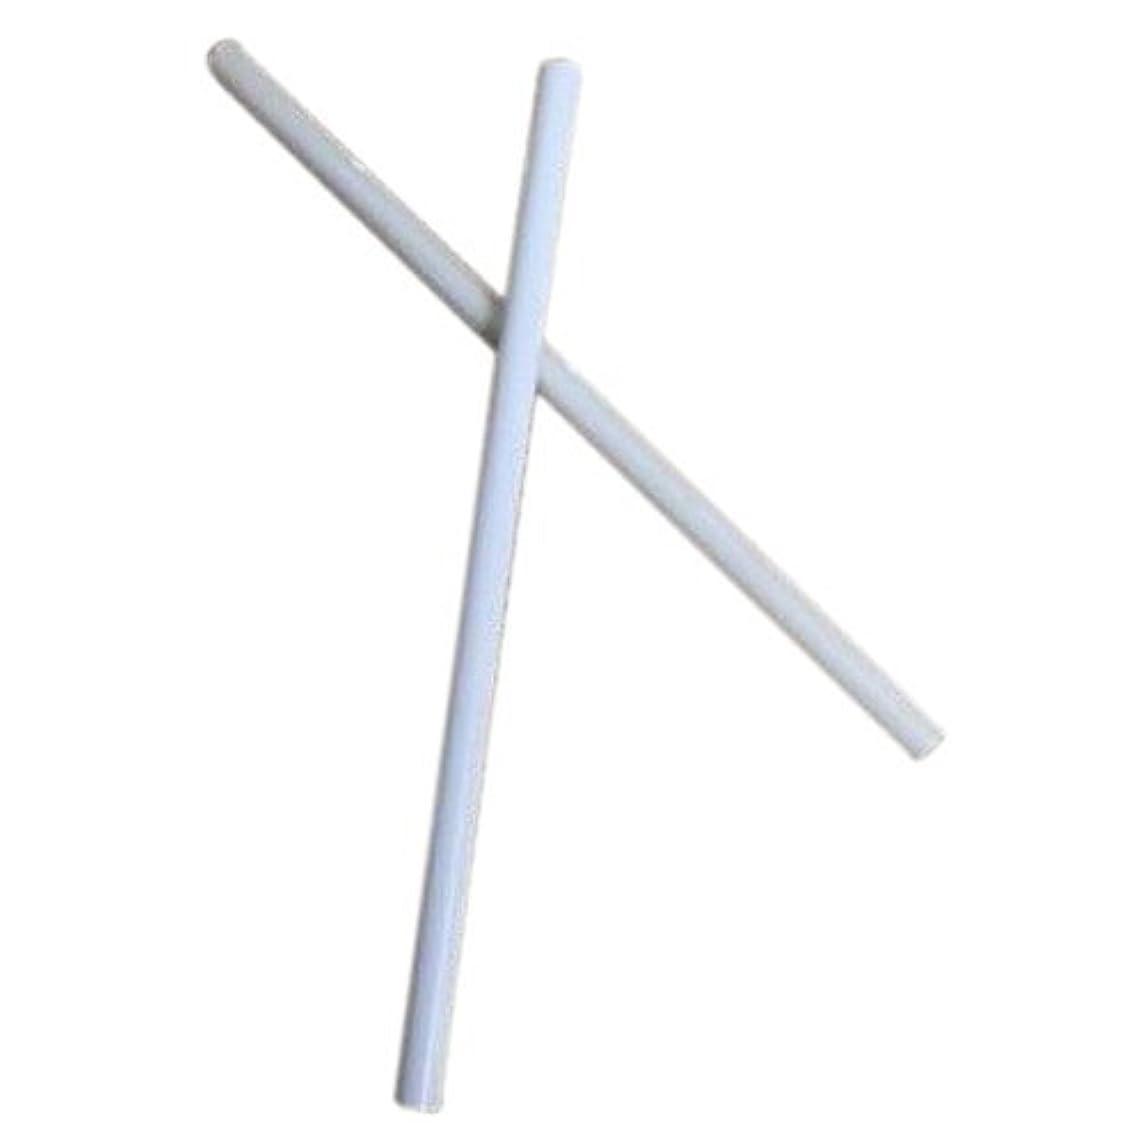 スーパーマーケットシャックル熱ピッキングツール, SODIAL(R)10x白いドット打ち鉛筆 ネイルアートラインストーン宝石3Dデザインのため 画家デコレーション ピッキングツール